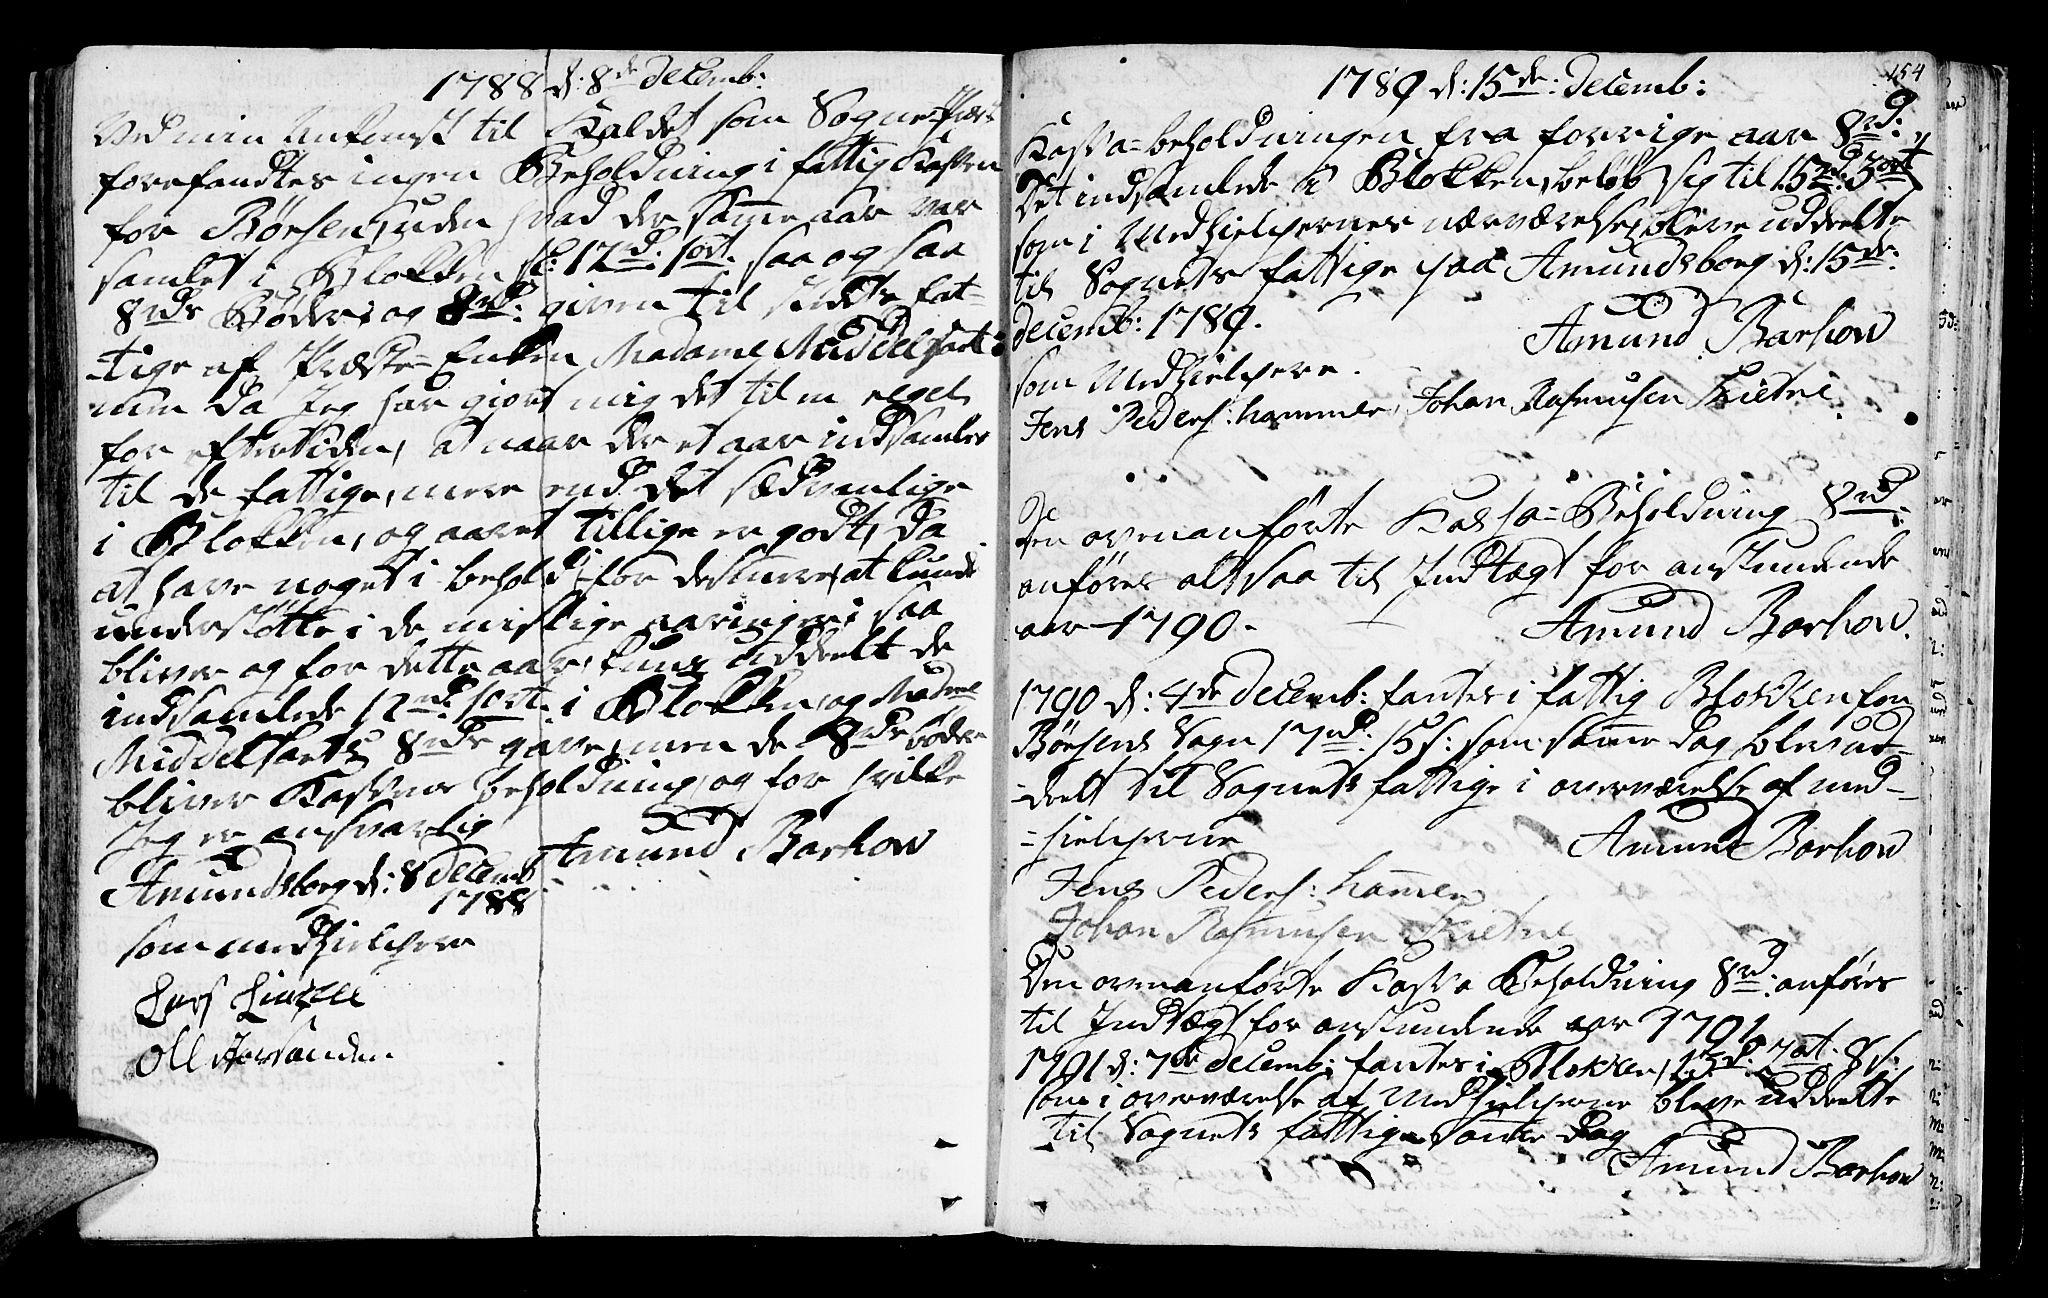 SAT, Ministerialprotokoller, klokkerbøker og fødselsregistre - Sør-Trøndelag, 665/L0768: Ministerialbok nr. 665A03, 1754-1803, s. 154